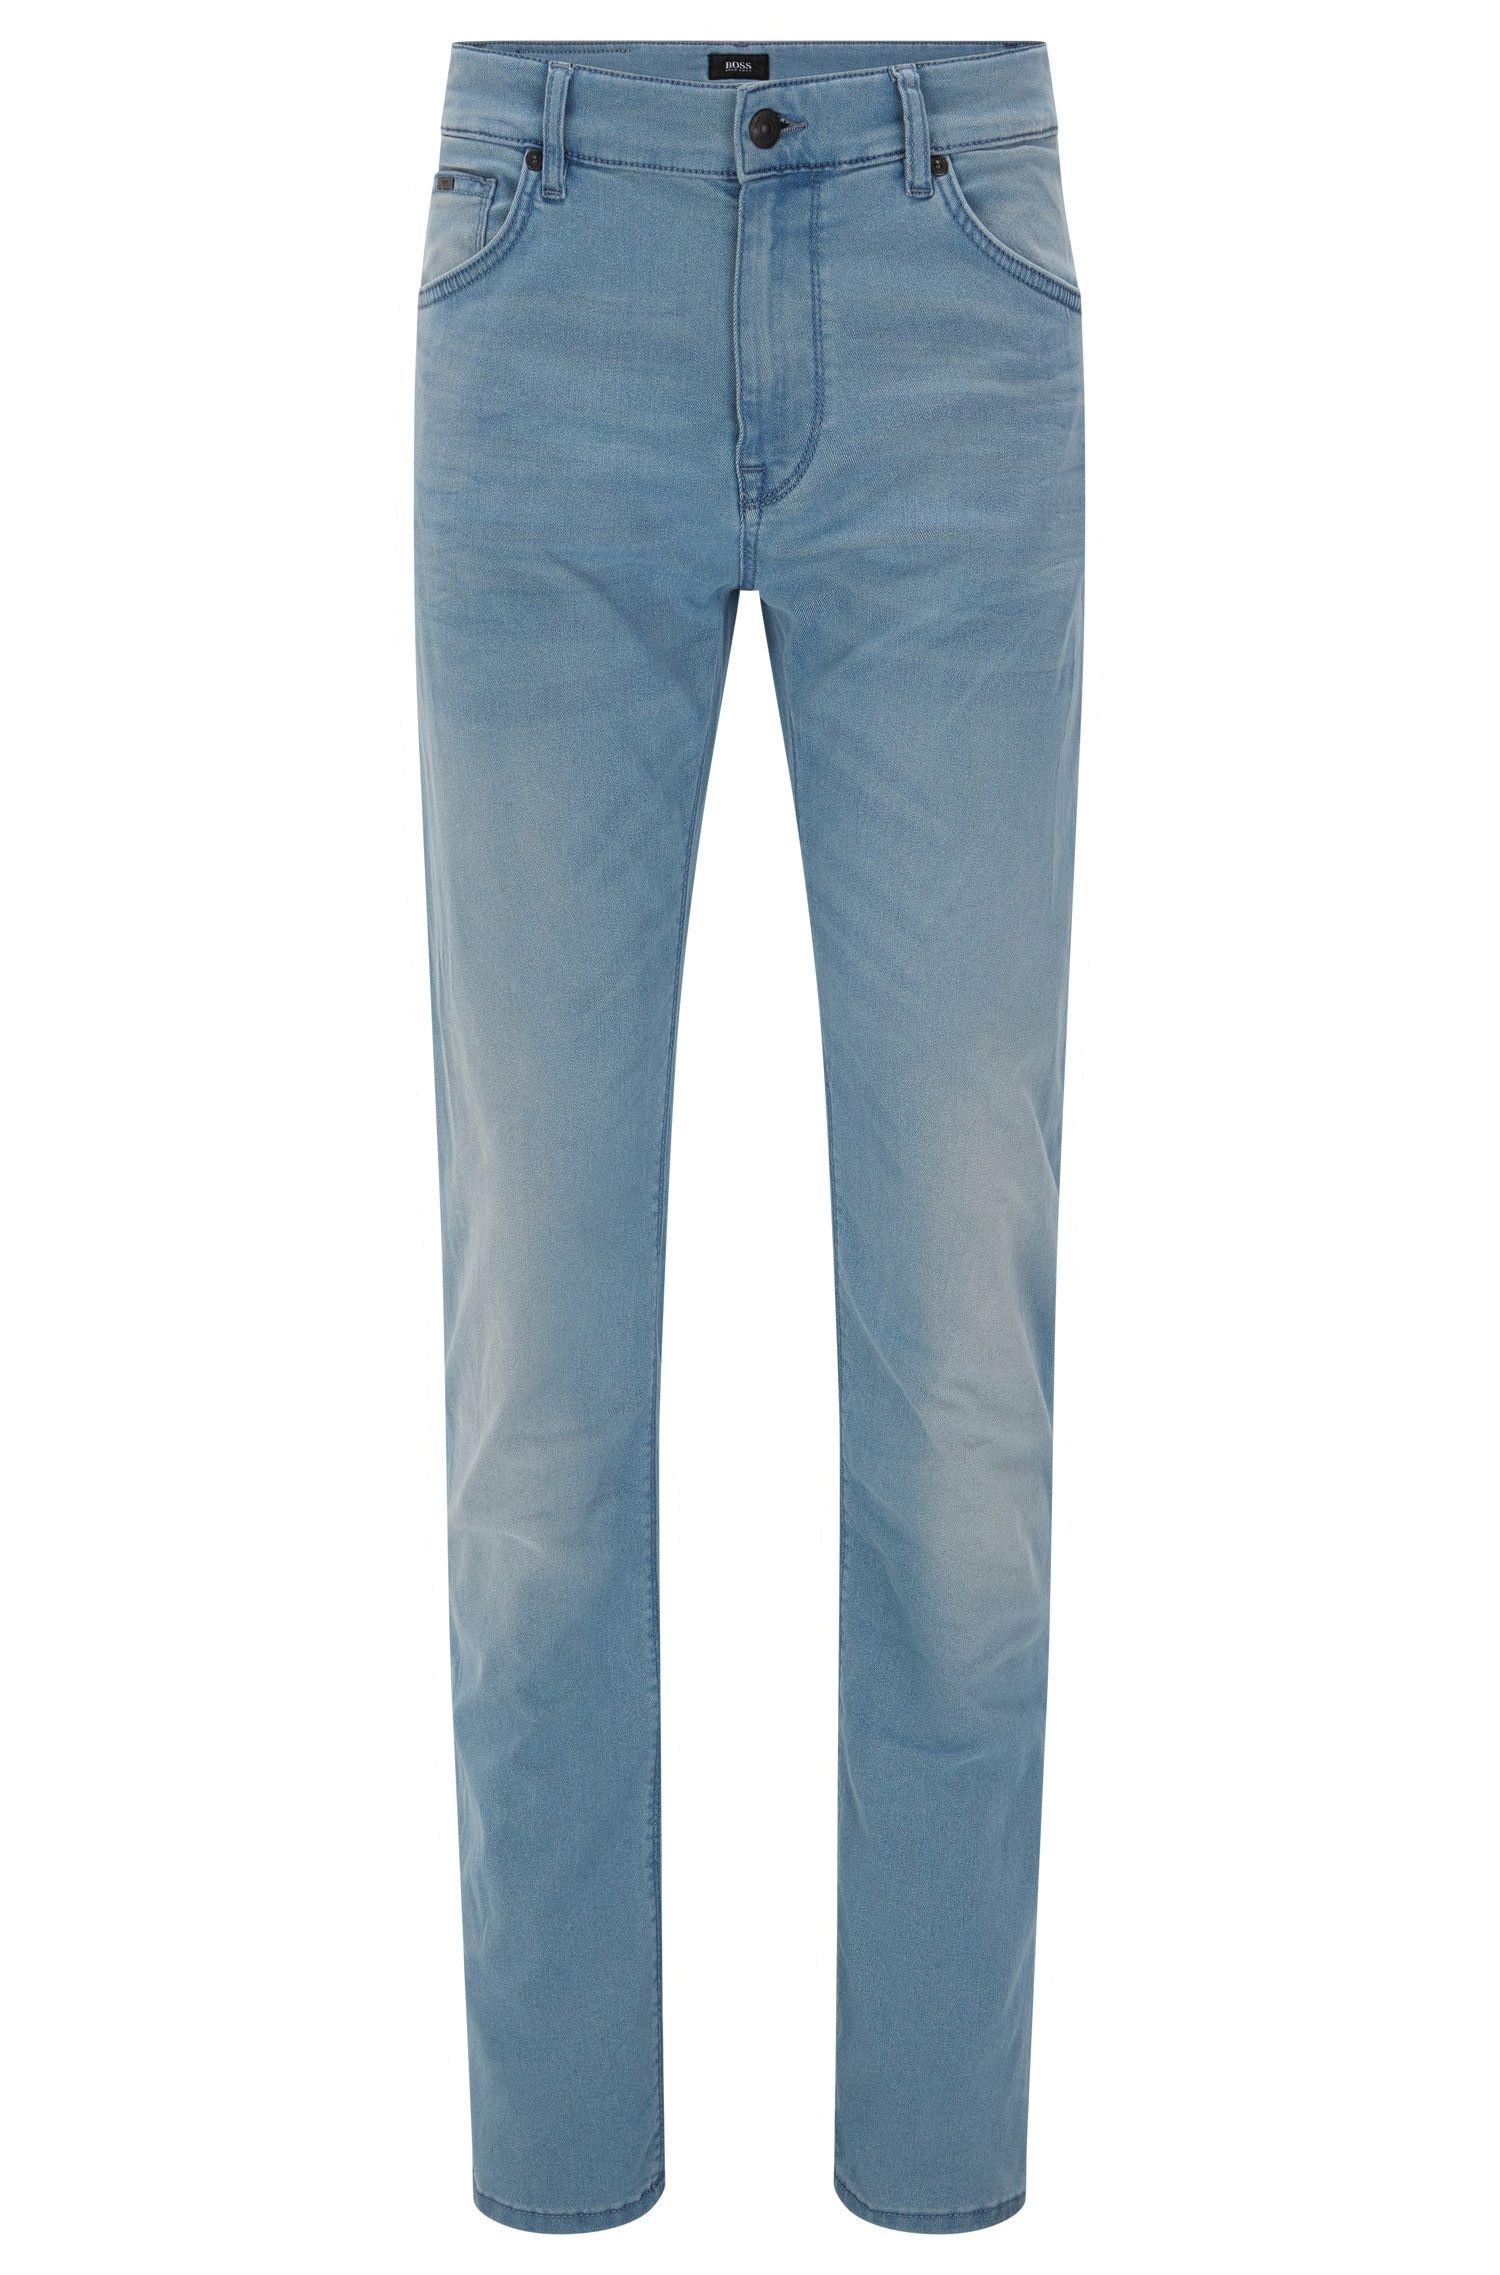 'Maine' | Regular Fit, 8 oz Cotton Blend Jeans